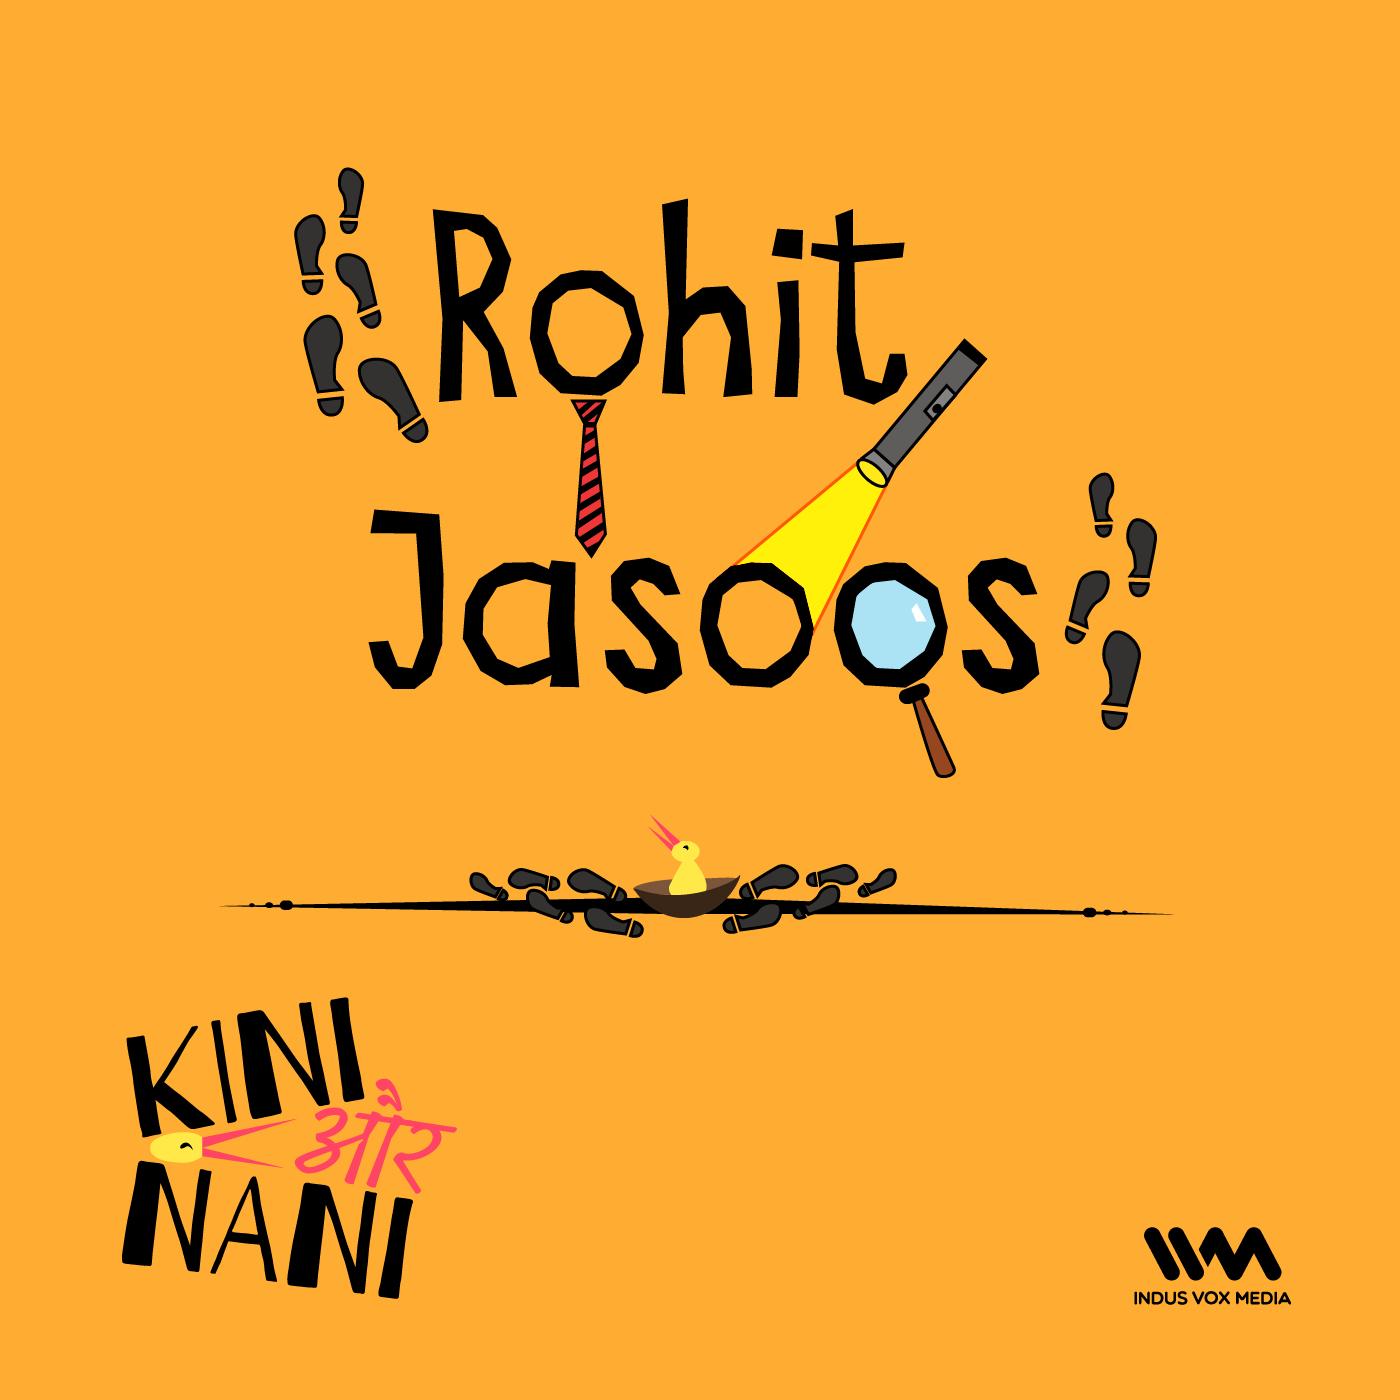 Rohit Jasoos